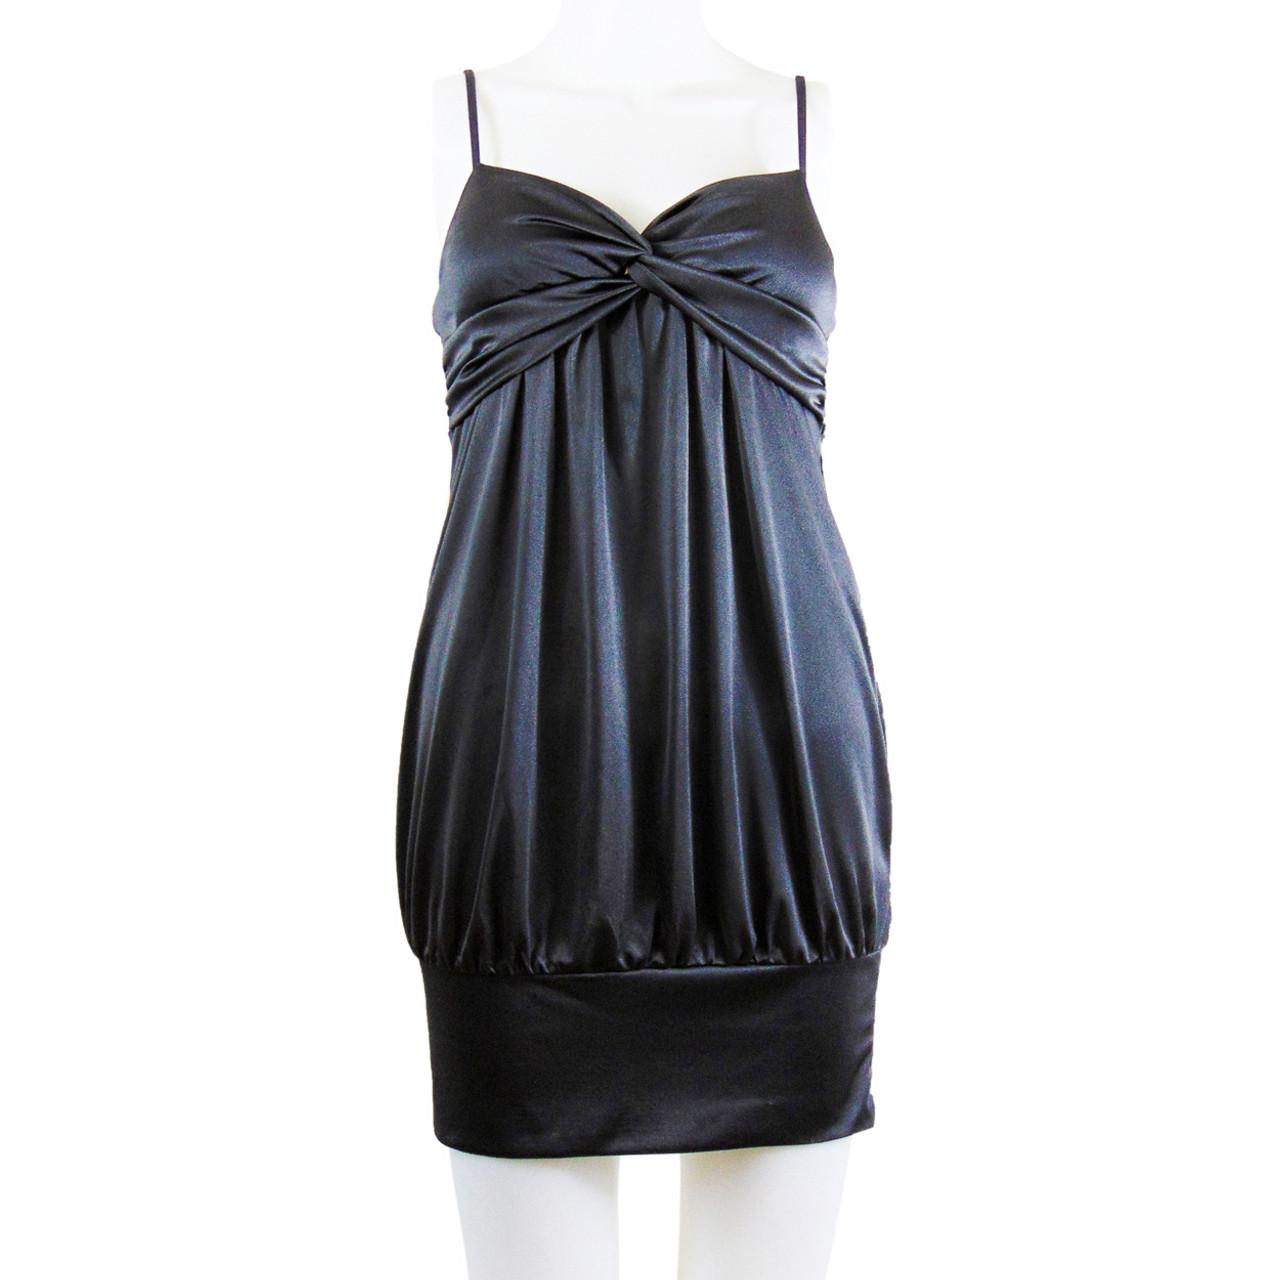 d56c3c3d72b Charcoal Grey Cocktail Dress